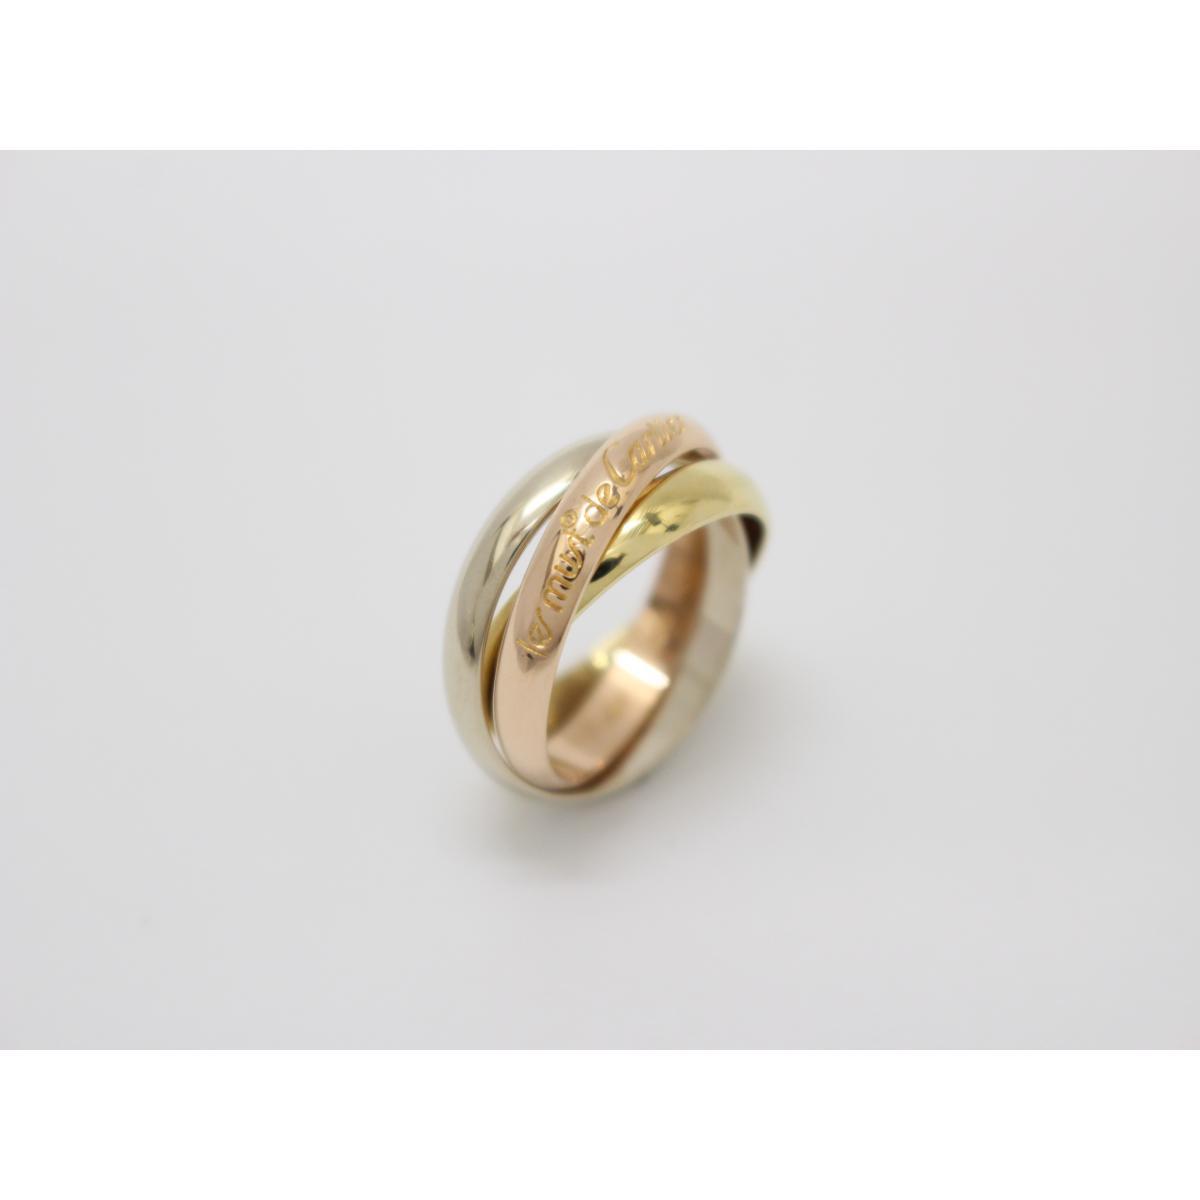 【中古】カルティエ トリニティリング 指輪 11号 刻印#51 貴金属 宝石 ブランドジュエリー レディース K18YG(750) イエローゴールド×K18WG(750) ホワイトゴールド×K18PG(750) ピンクゴールド イエローゴールド×シルバー×ピンクゴールド